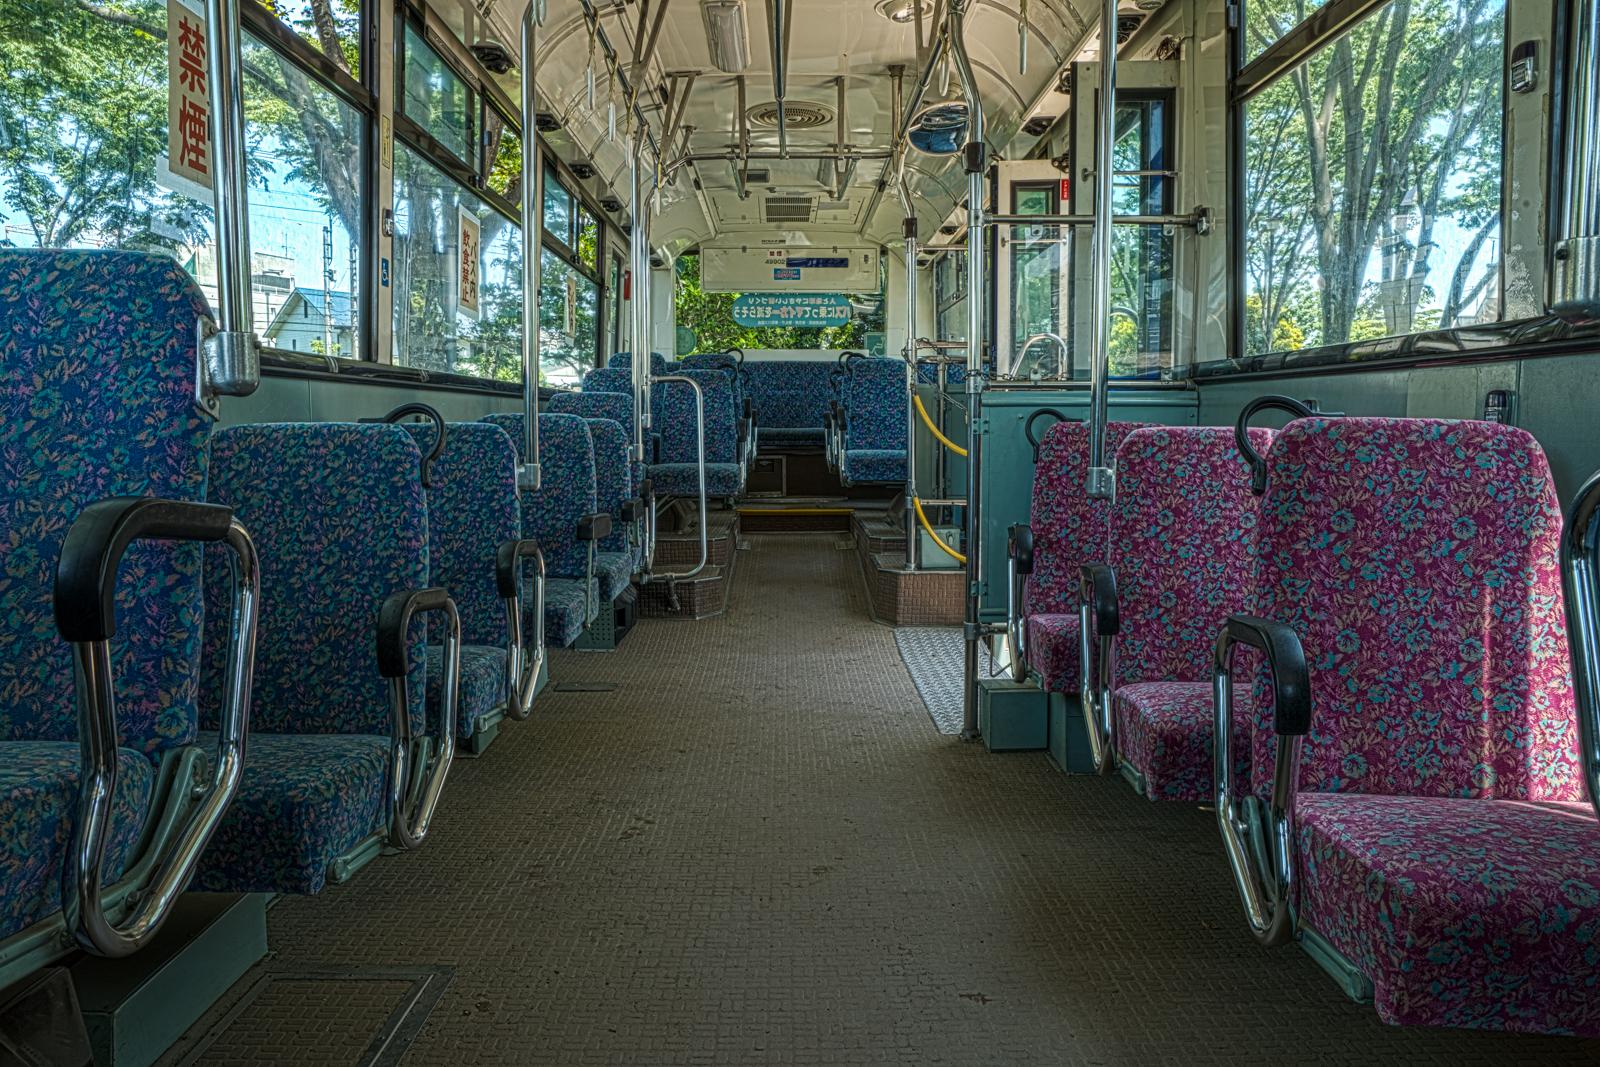 府中市交通遊園の京王バス 日産ディーゼル KC-JP250NTNの車内の写真 HDR